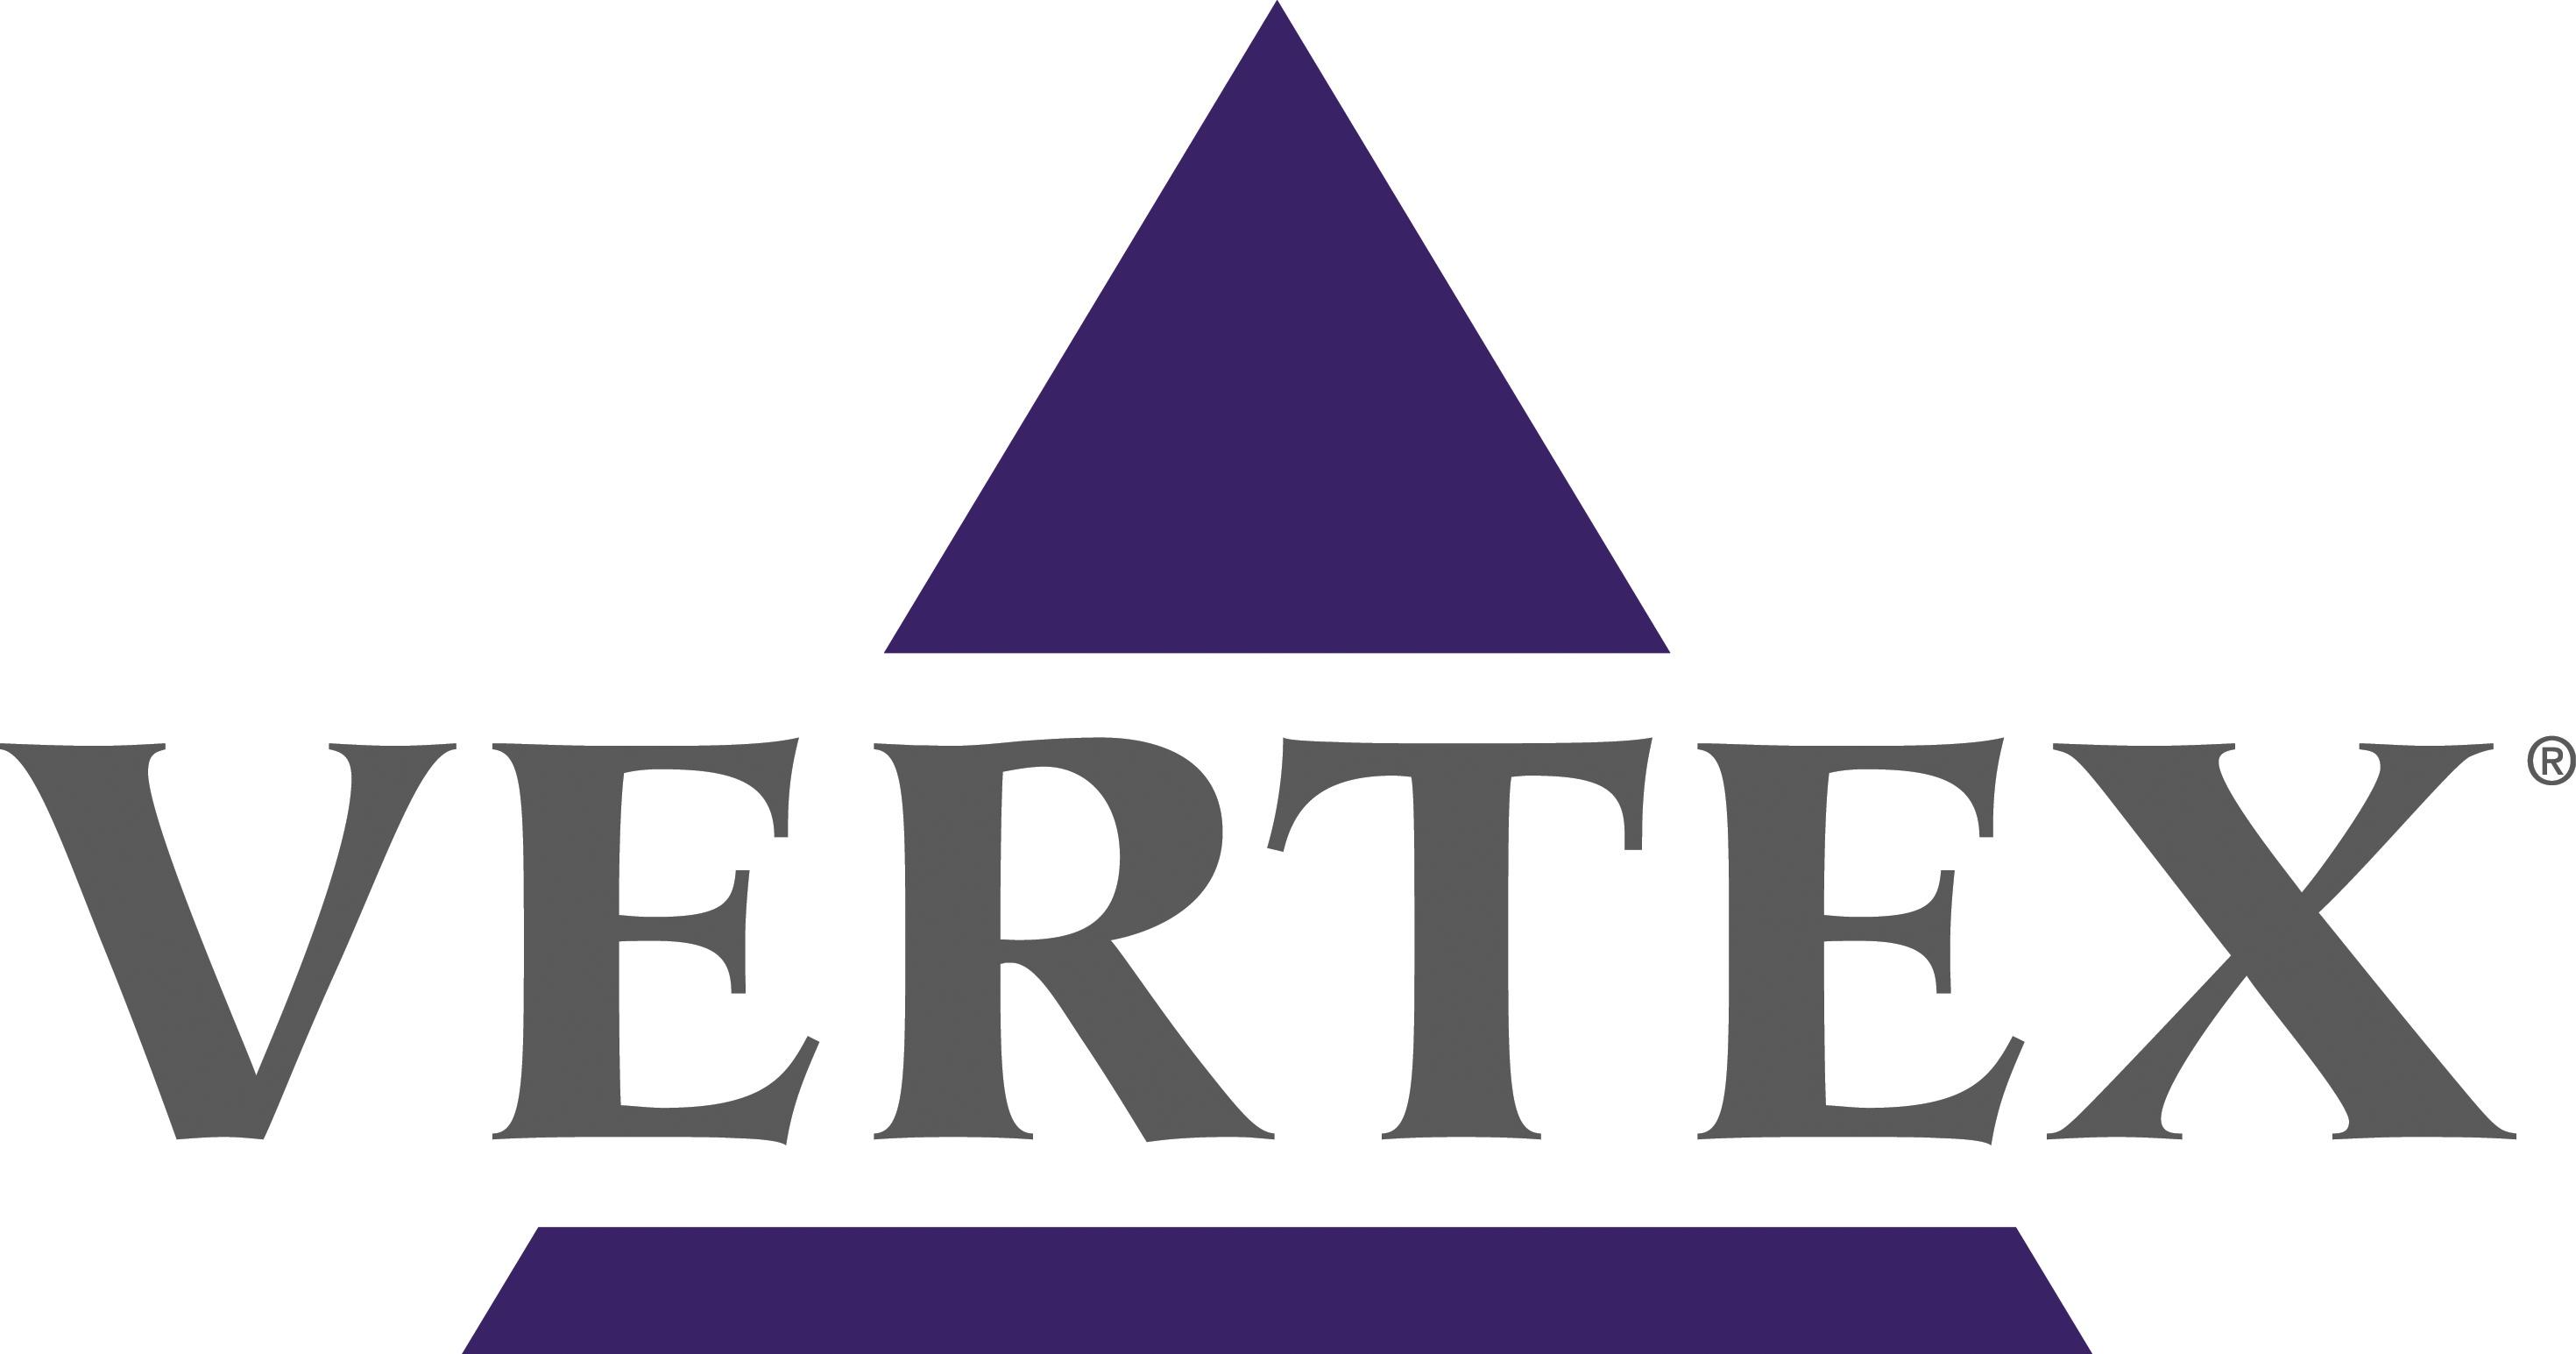 Vertex Pharmaceuticals logo